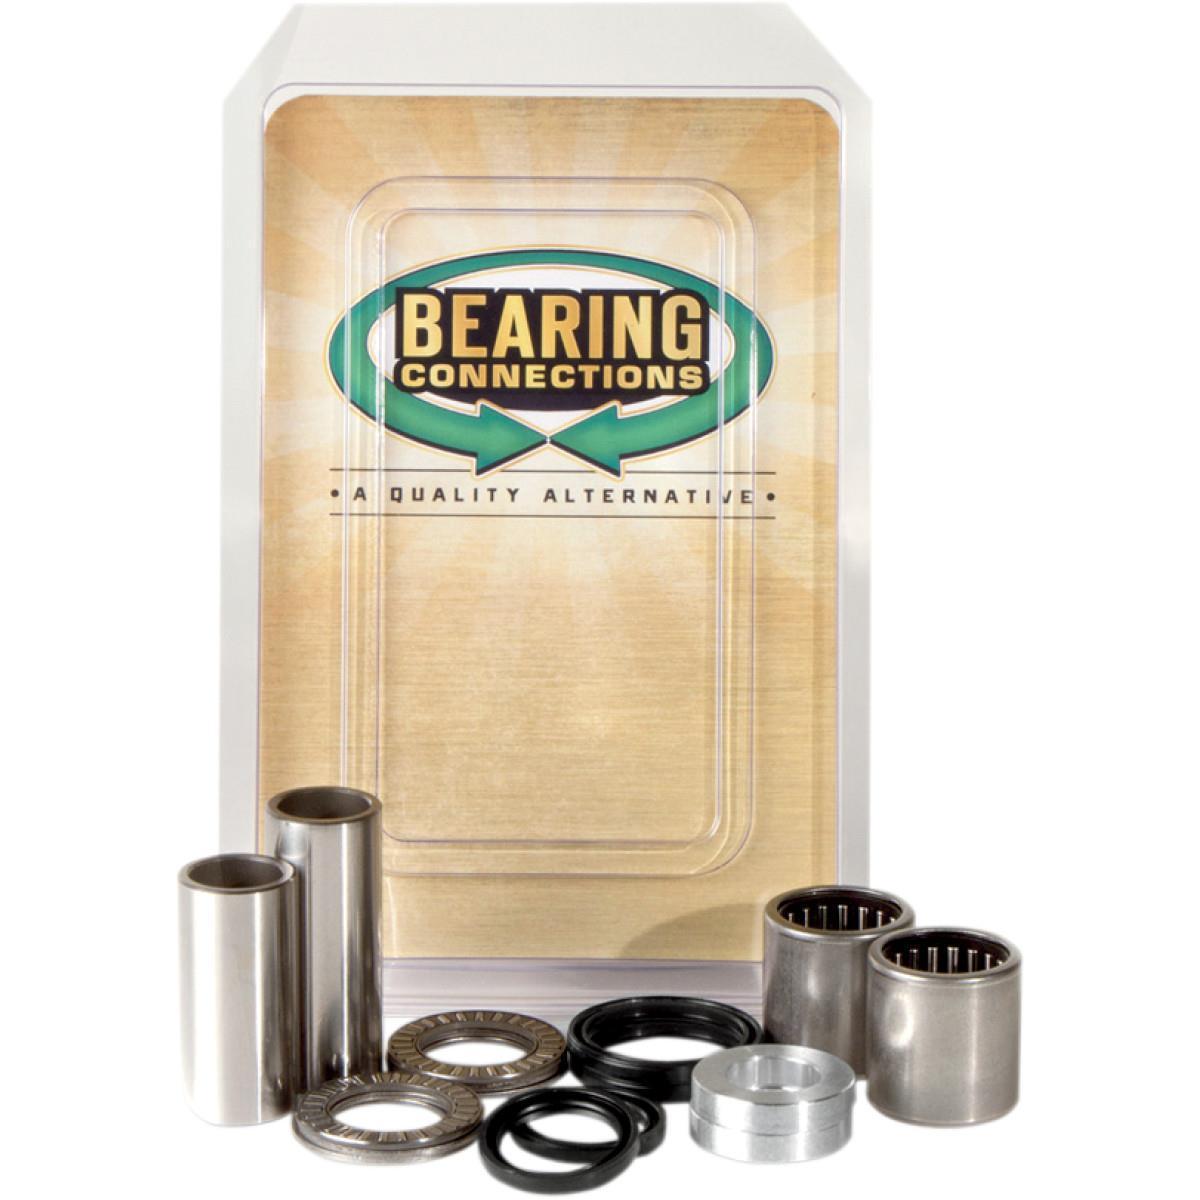 BEARING CONNECTIONS Swingarm Bearing Kit